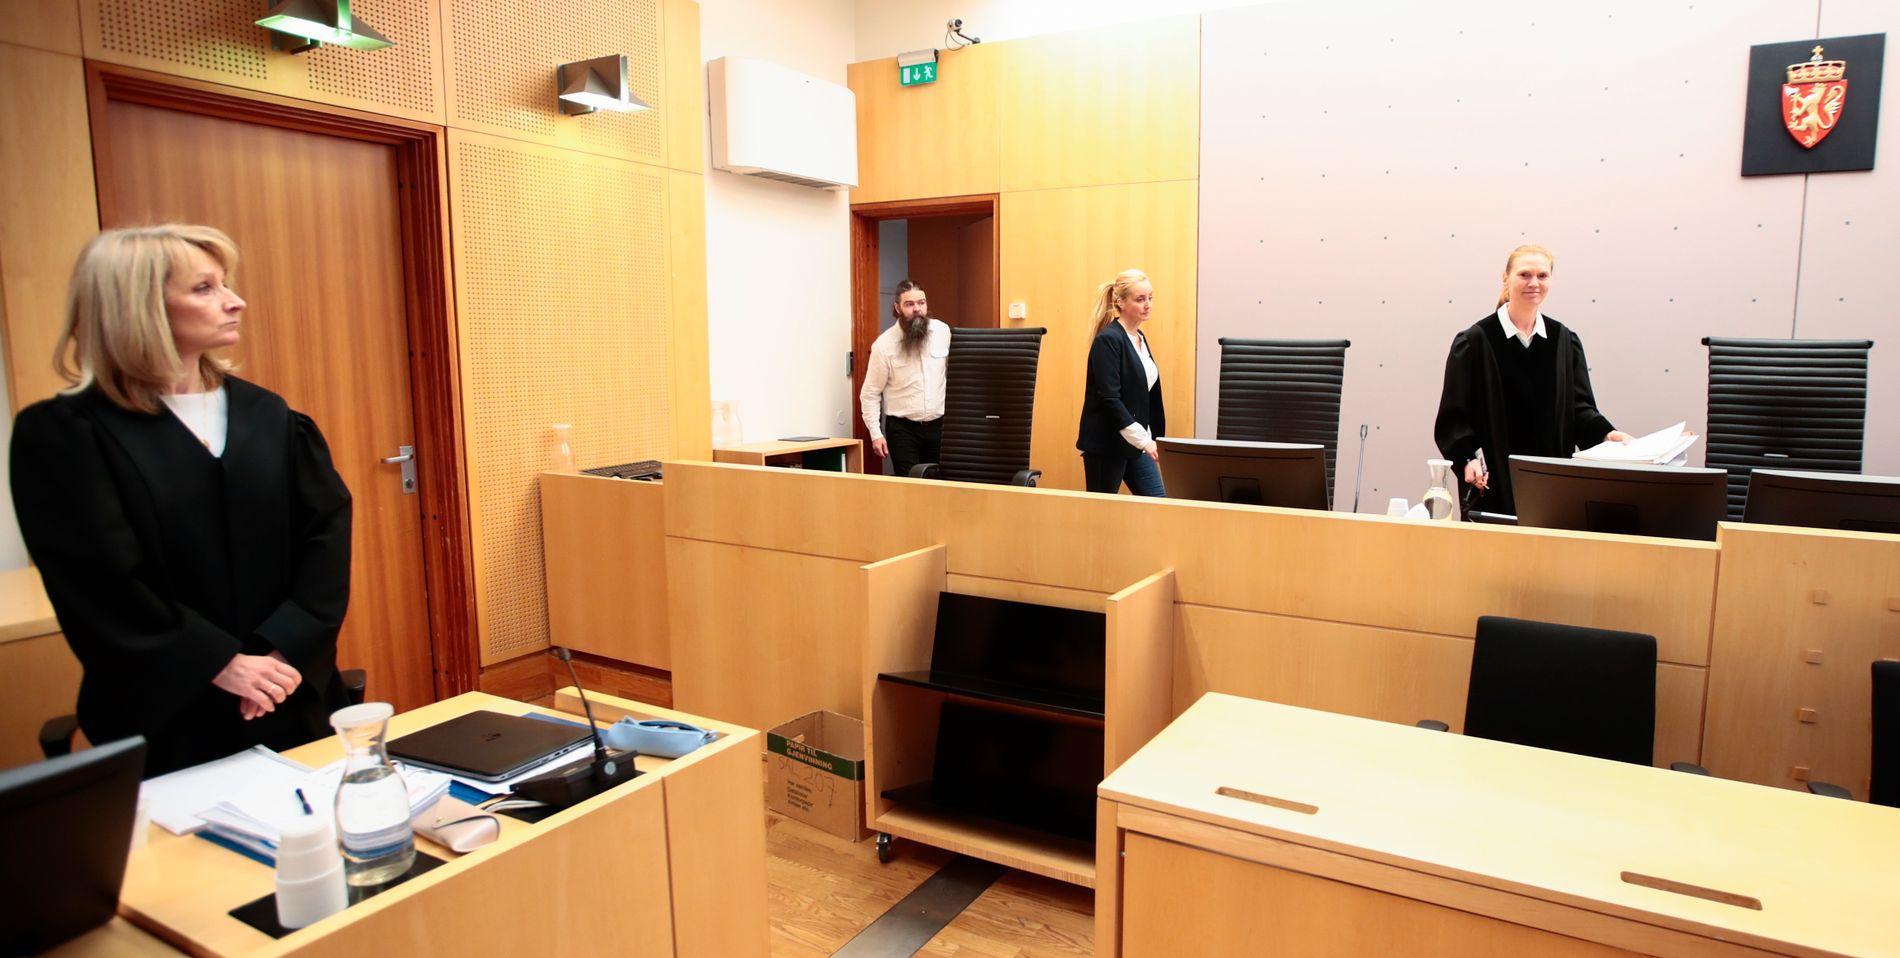 OSLO TINGRETT: Rettsforhandlingen mot psykiateren går i Oslo tingrett onsdag. Her står aktor Hilde Strand (til venstre), mens tingrettsdommer Nini Ring (til høyre) er på vei inn i salen med meddommerne.